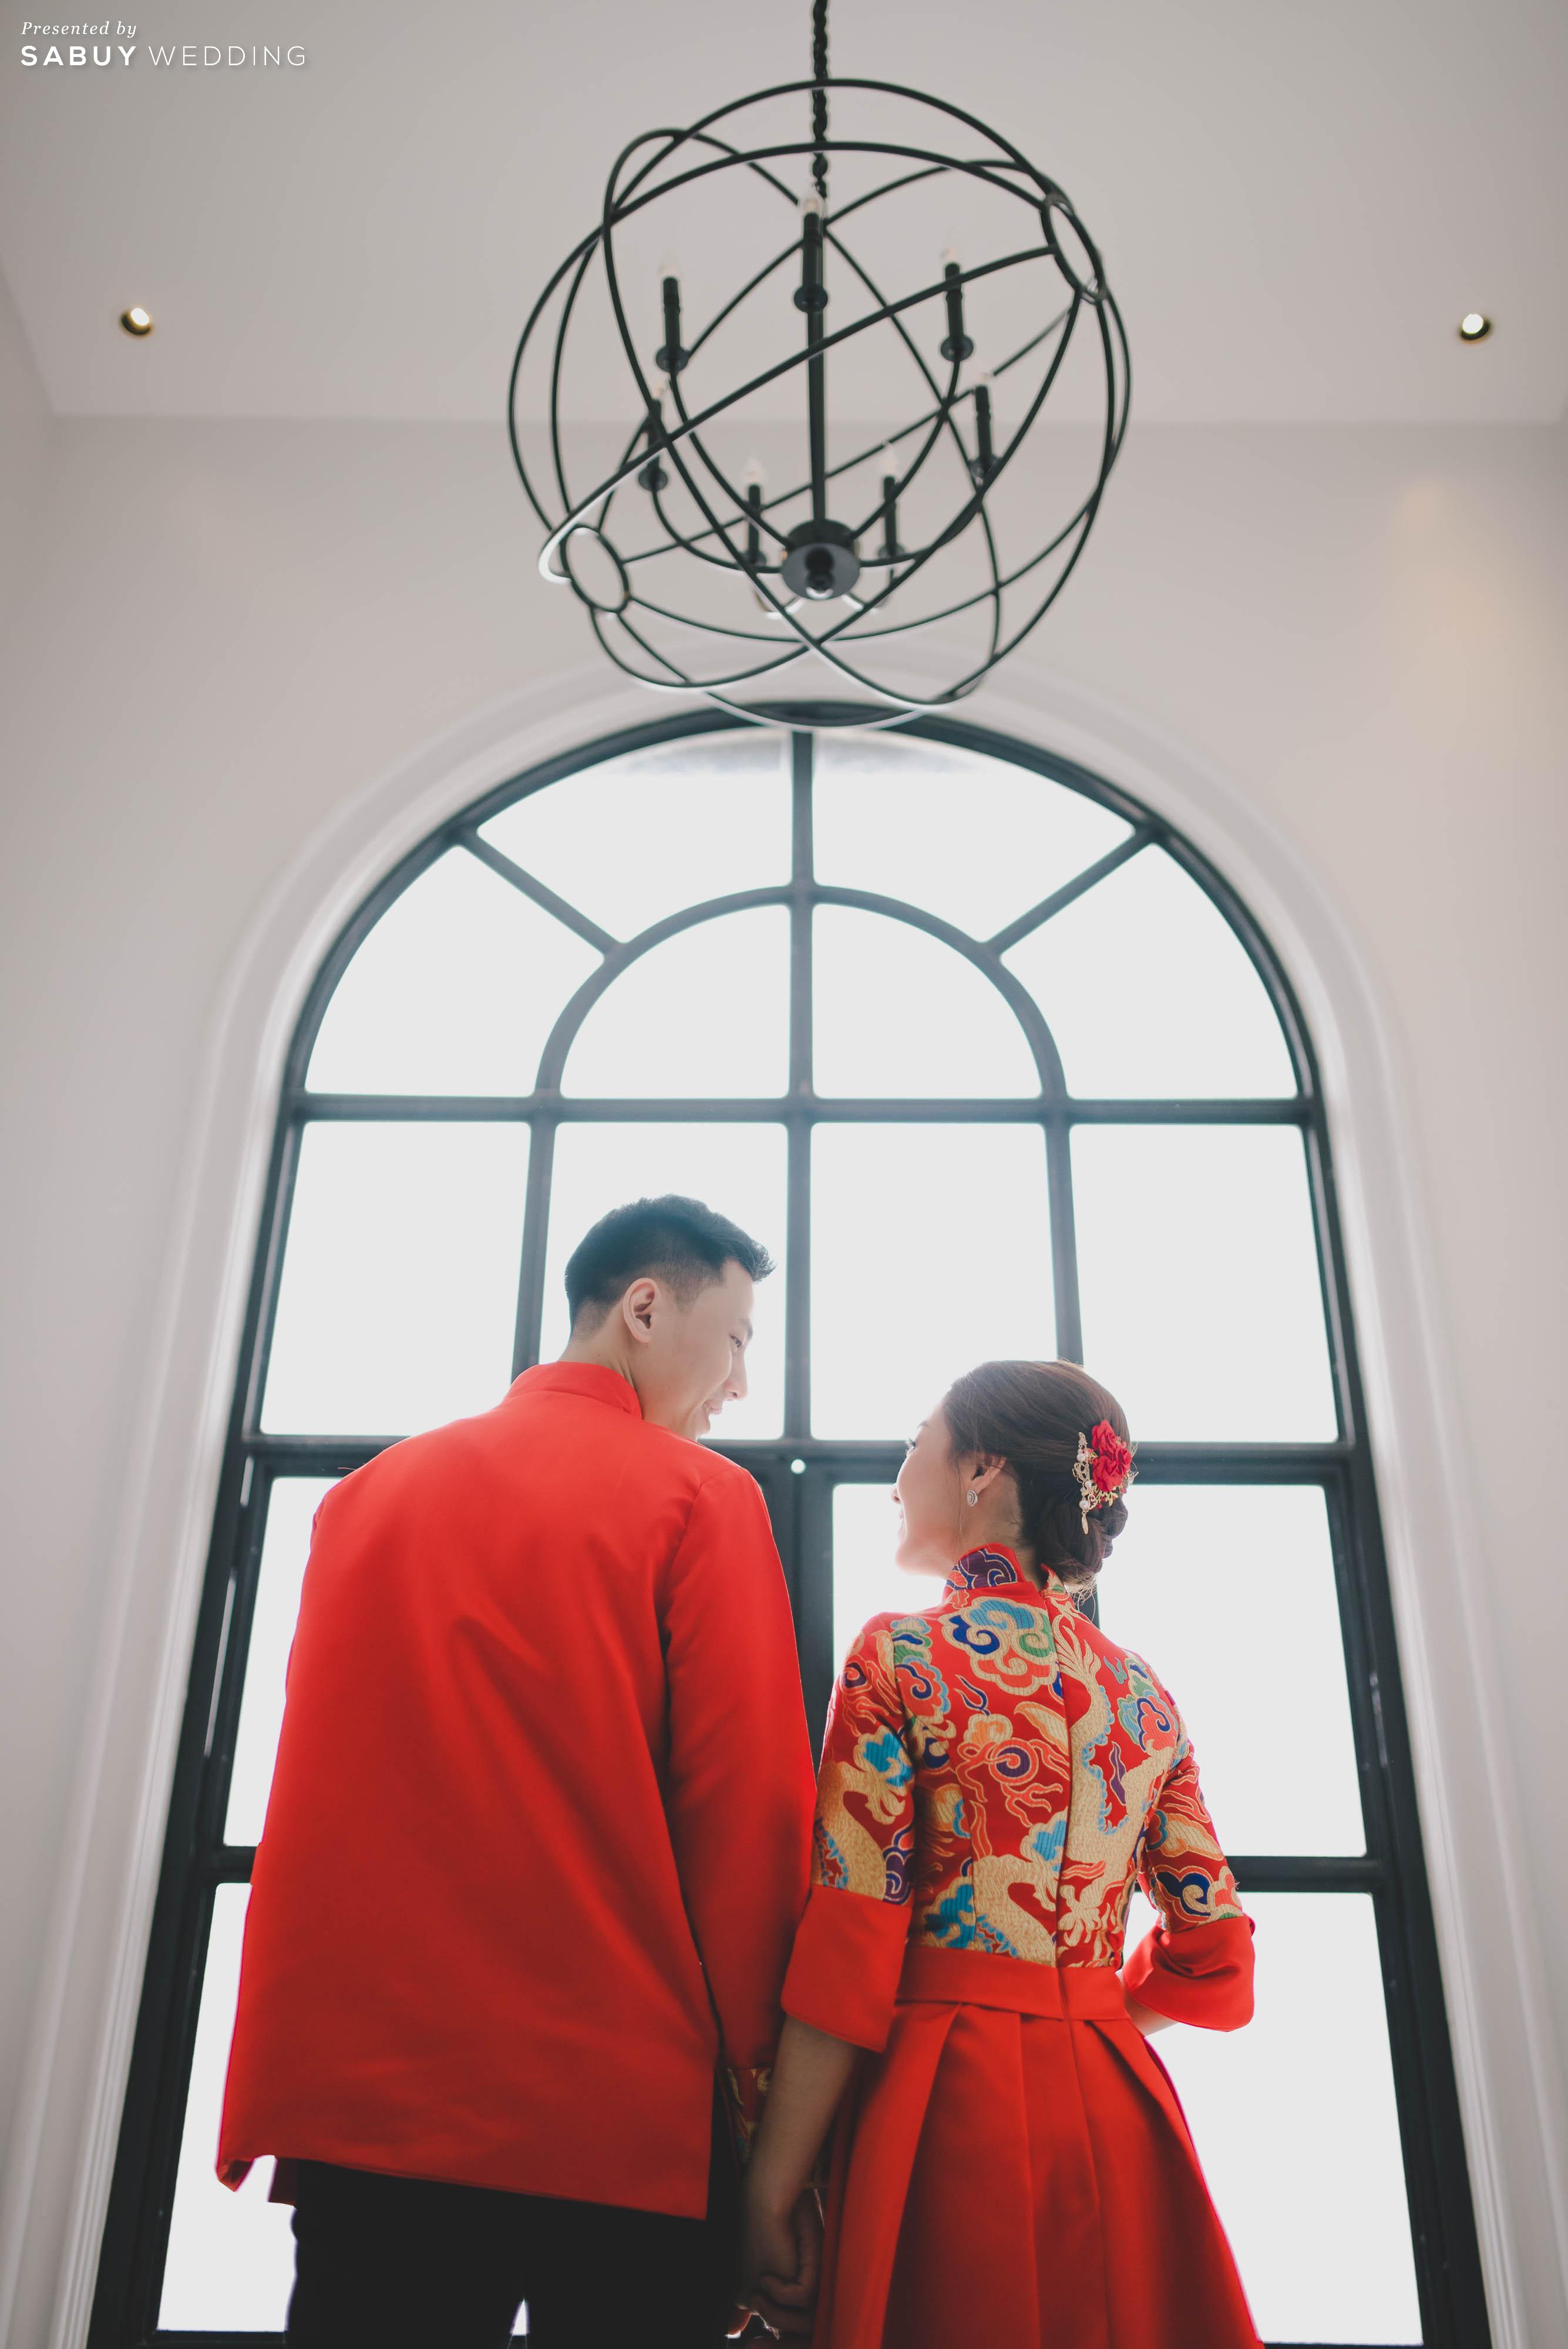 ชุดแต่งงาน,ชุดเจ้าสาว,ชุดเจ้าบ่าว, Hotel Once Bangkok รีวิวงานแต่งสวยวิ้ง ฟรุ้งฟริ้งฉบับงาน Customize @ Hotel Once Bangkok